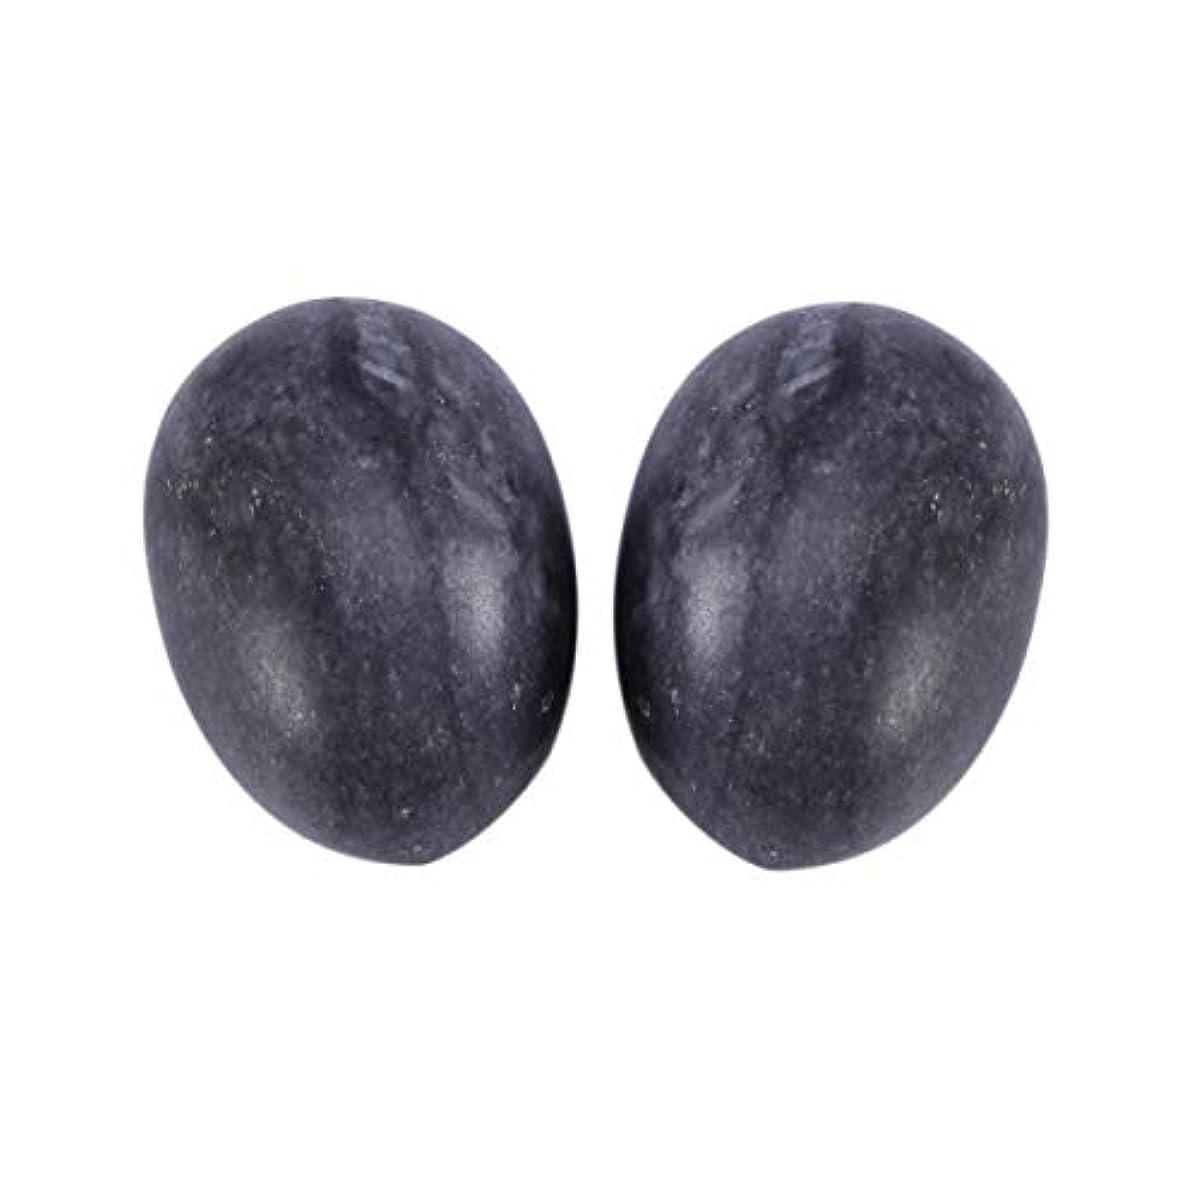 挑む乳白窓Healifty 6PCS翡翠Yoni卵マッサージ癒しの石のケゲル運動骨盤底筋運動(黒)